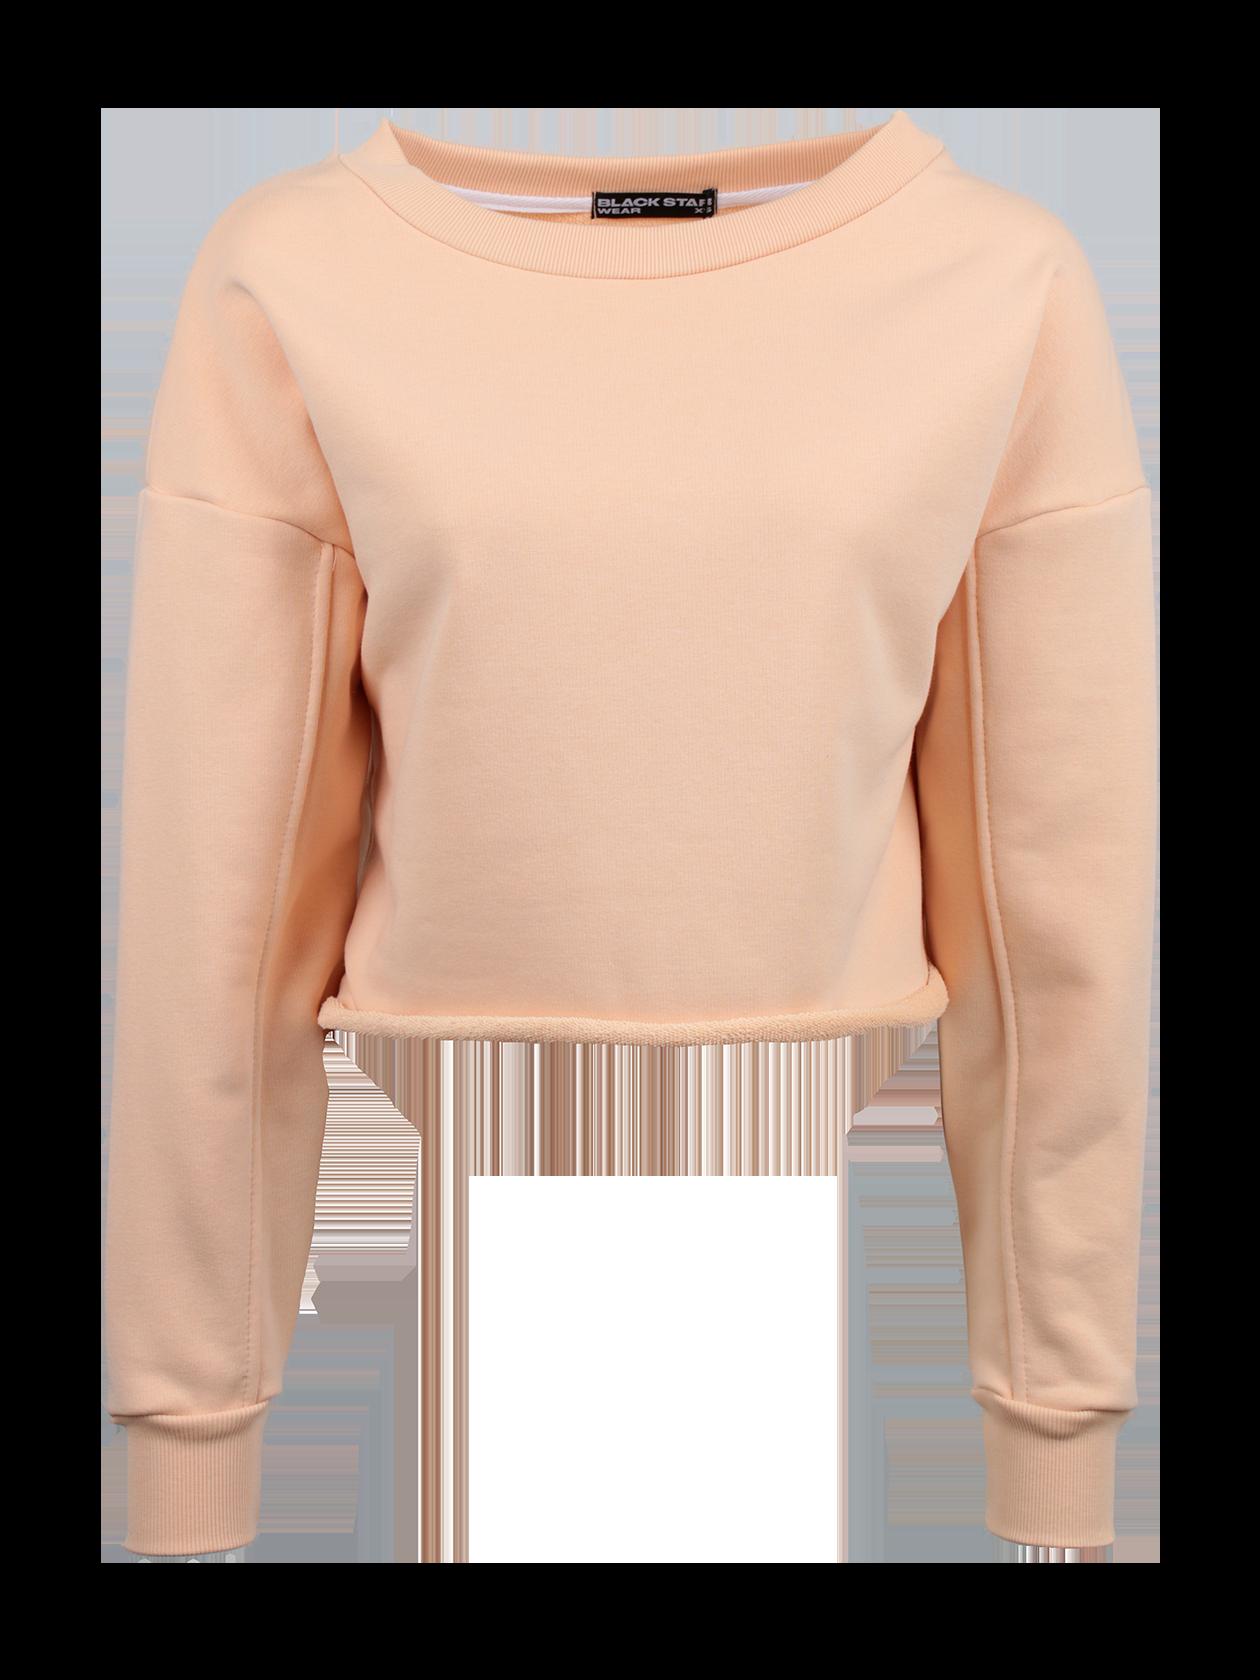 Худи женская PEACHМодная худи женская Peach из коллекции одежды Black Star Wear придаст выразительности каждодневному образу. Модель свободного укороченного кроя со спущенной линией плеча и двухшовным рукавом. Манжеты выполнены из гофрированного материала. Горловина выполнена в форме широкой лодочки, край оформлен эластичным трикотажем, внутри жаккардовый логотип Black Star Wear. Худи представлена в бледно розовом цвете.<br><br>Размер: L<br>Цвет: Бежевый<br>Пол: Женский